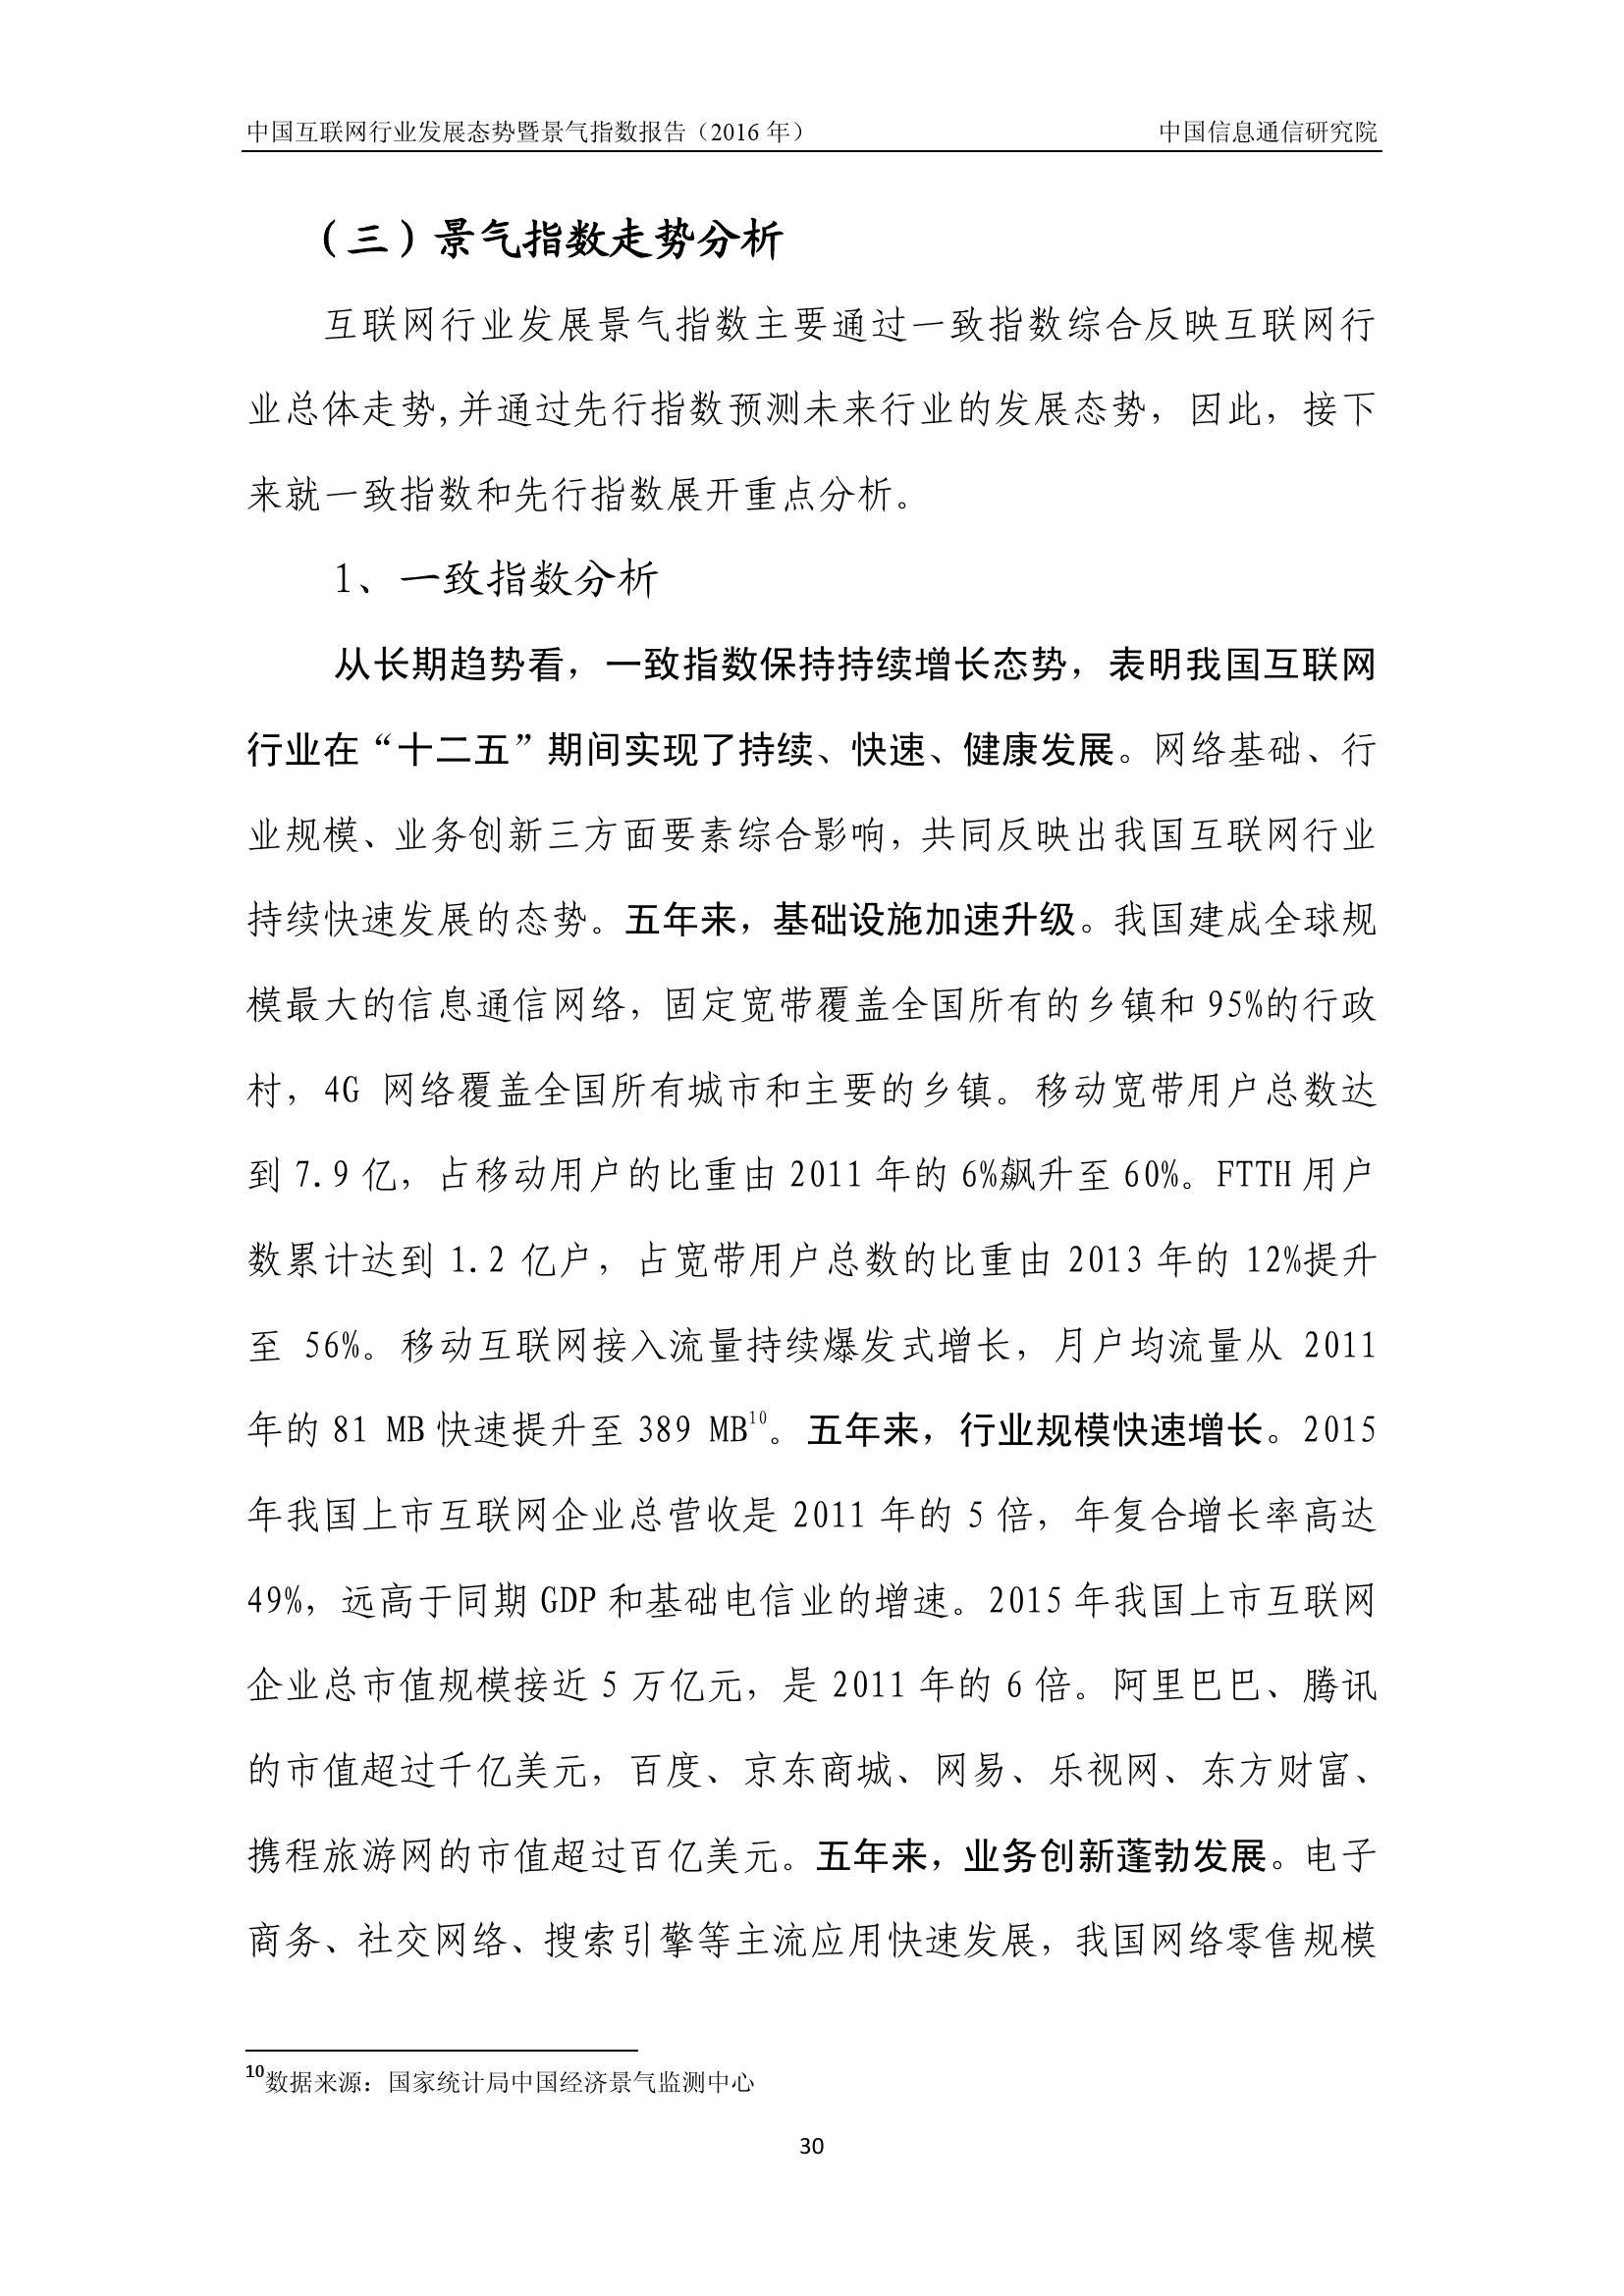 2016年中国互联网行业发展态势暨景气指数报告_000034